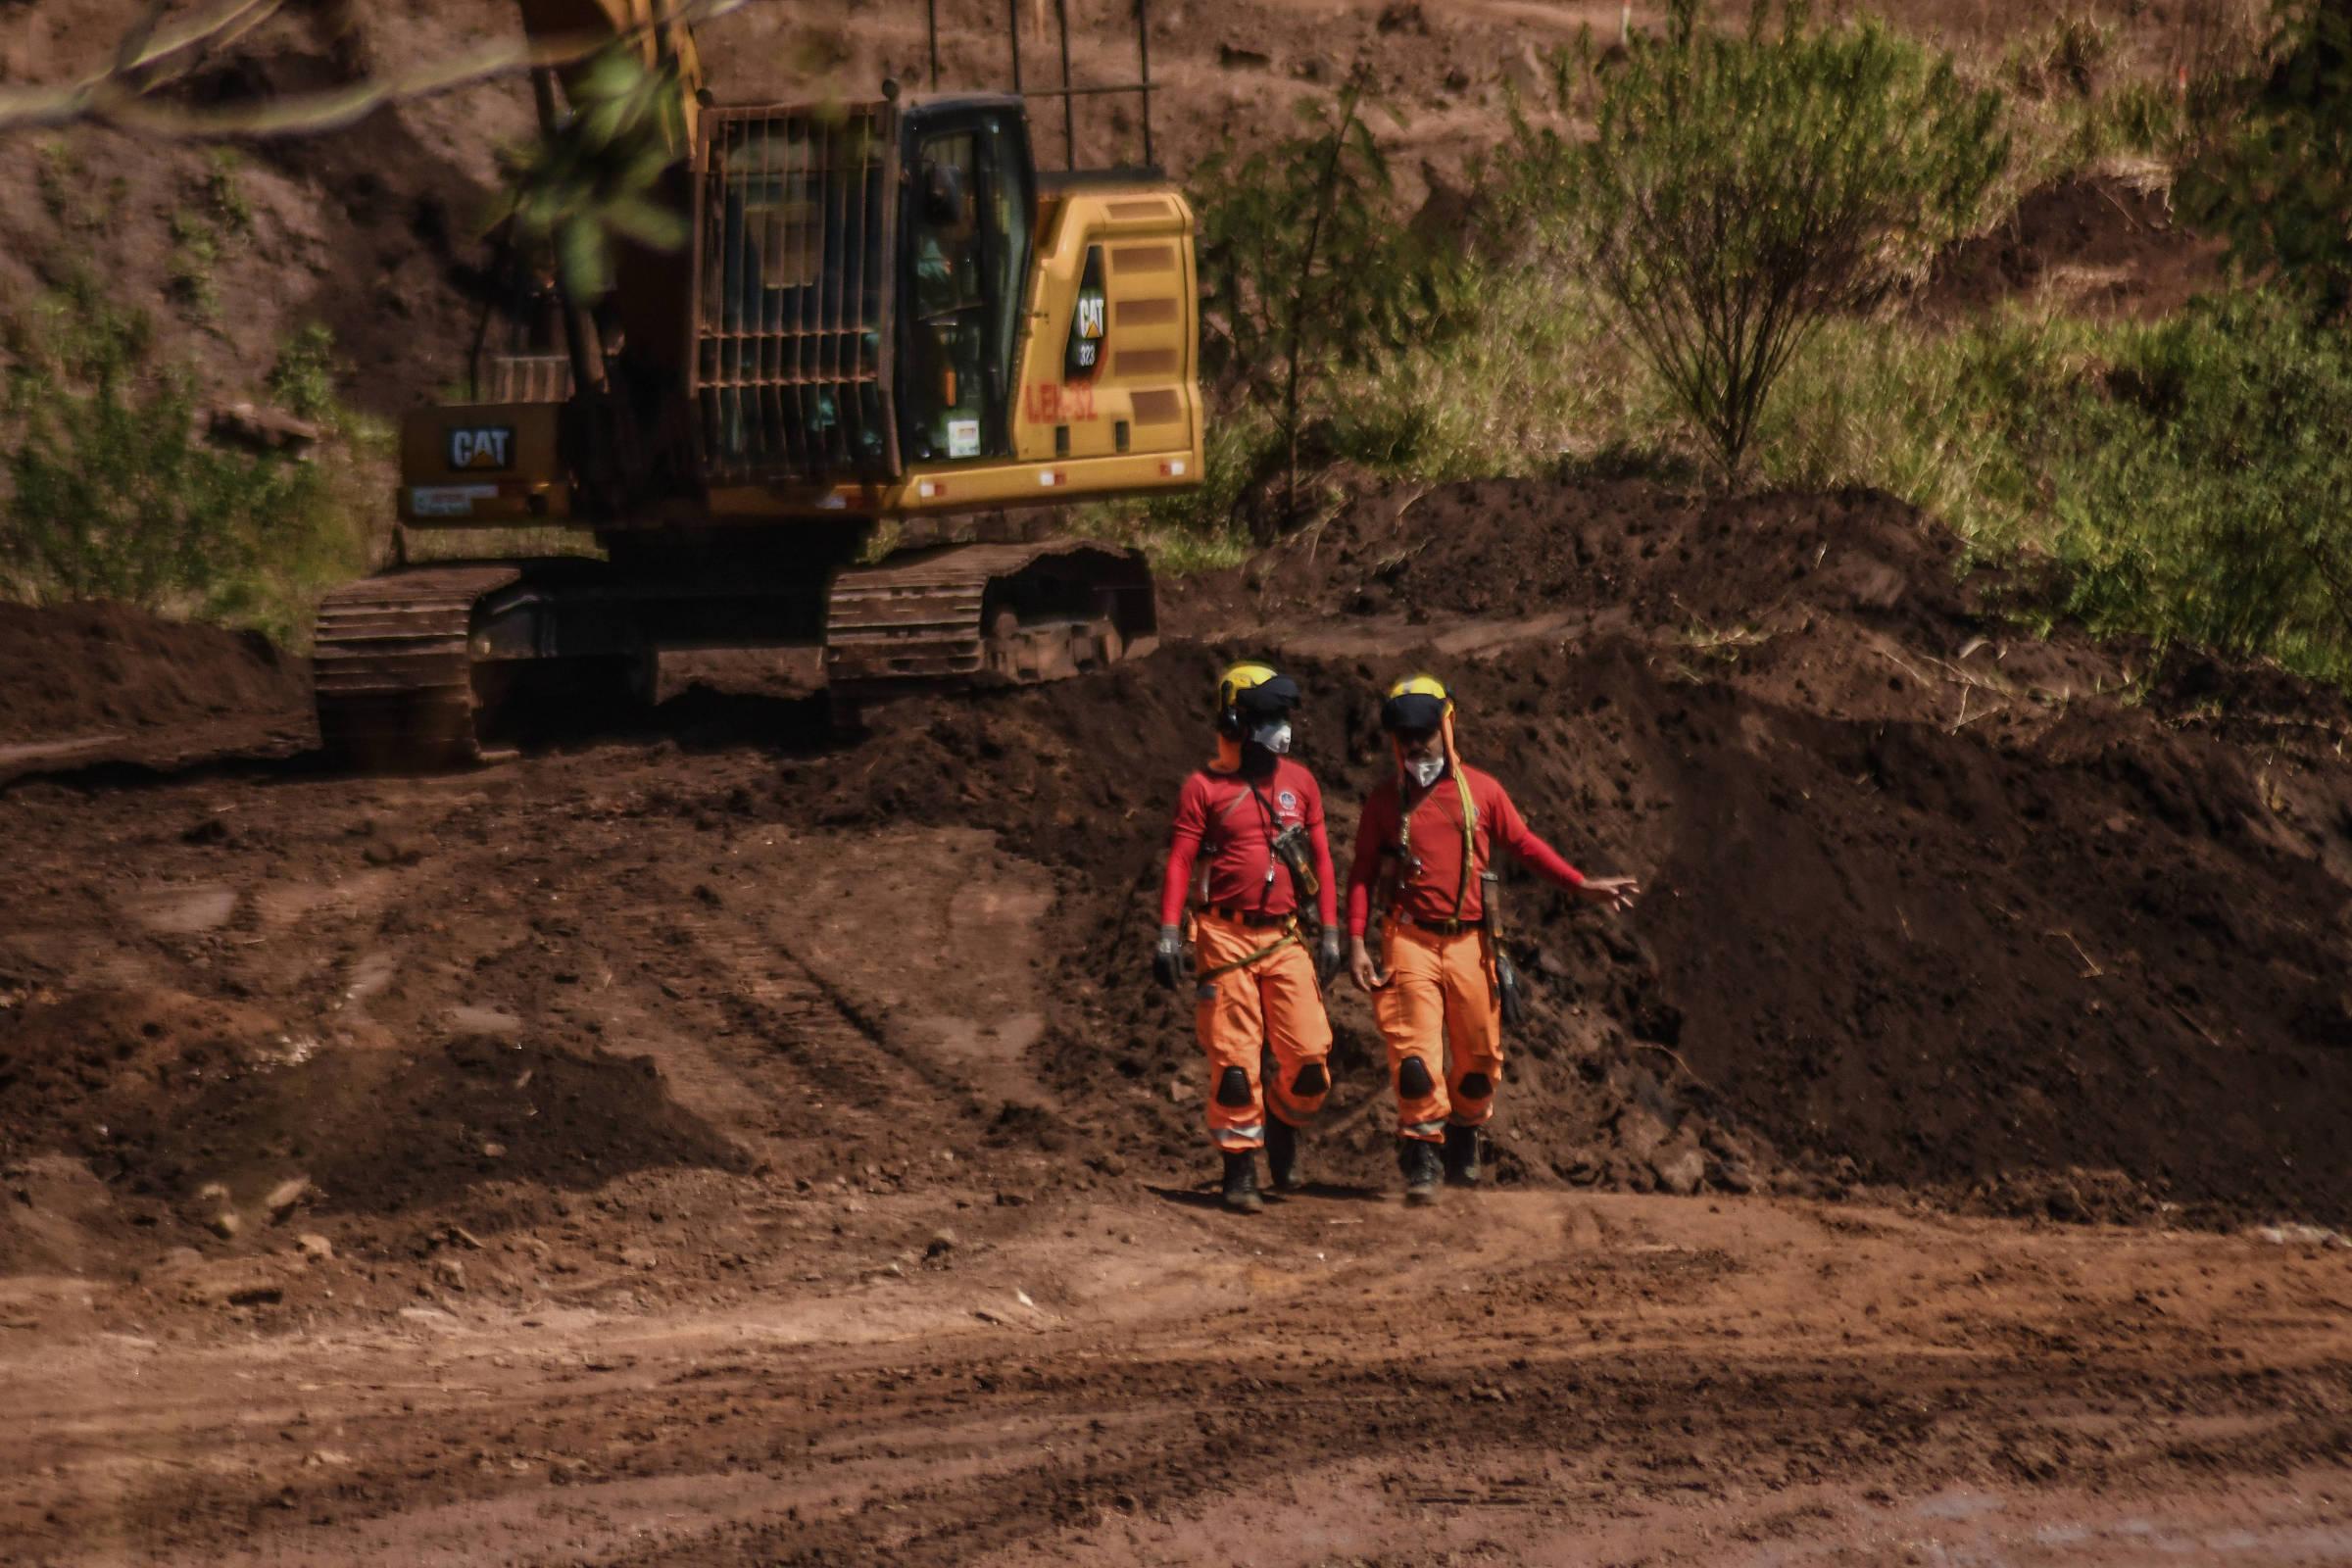 Bombeiros vasculham área em busca dos desaparecidos do rompimento da barragem da Vale, em Brumadinho (MG)